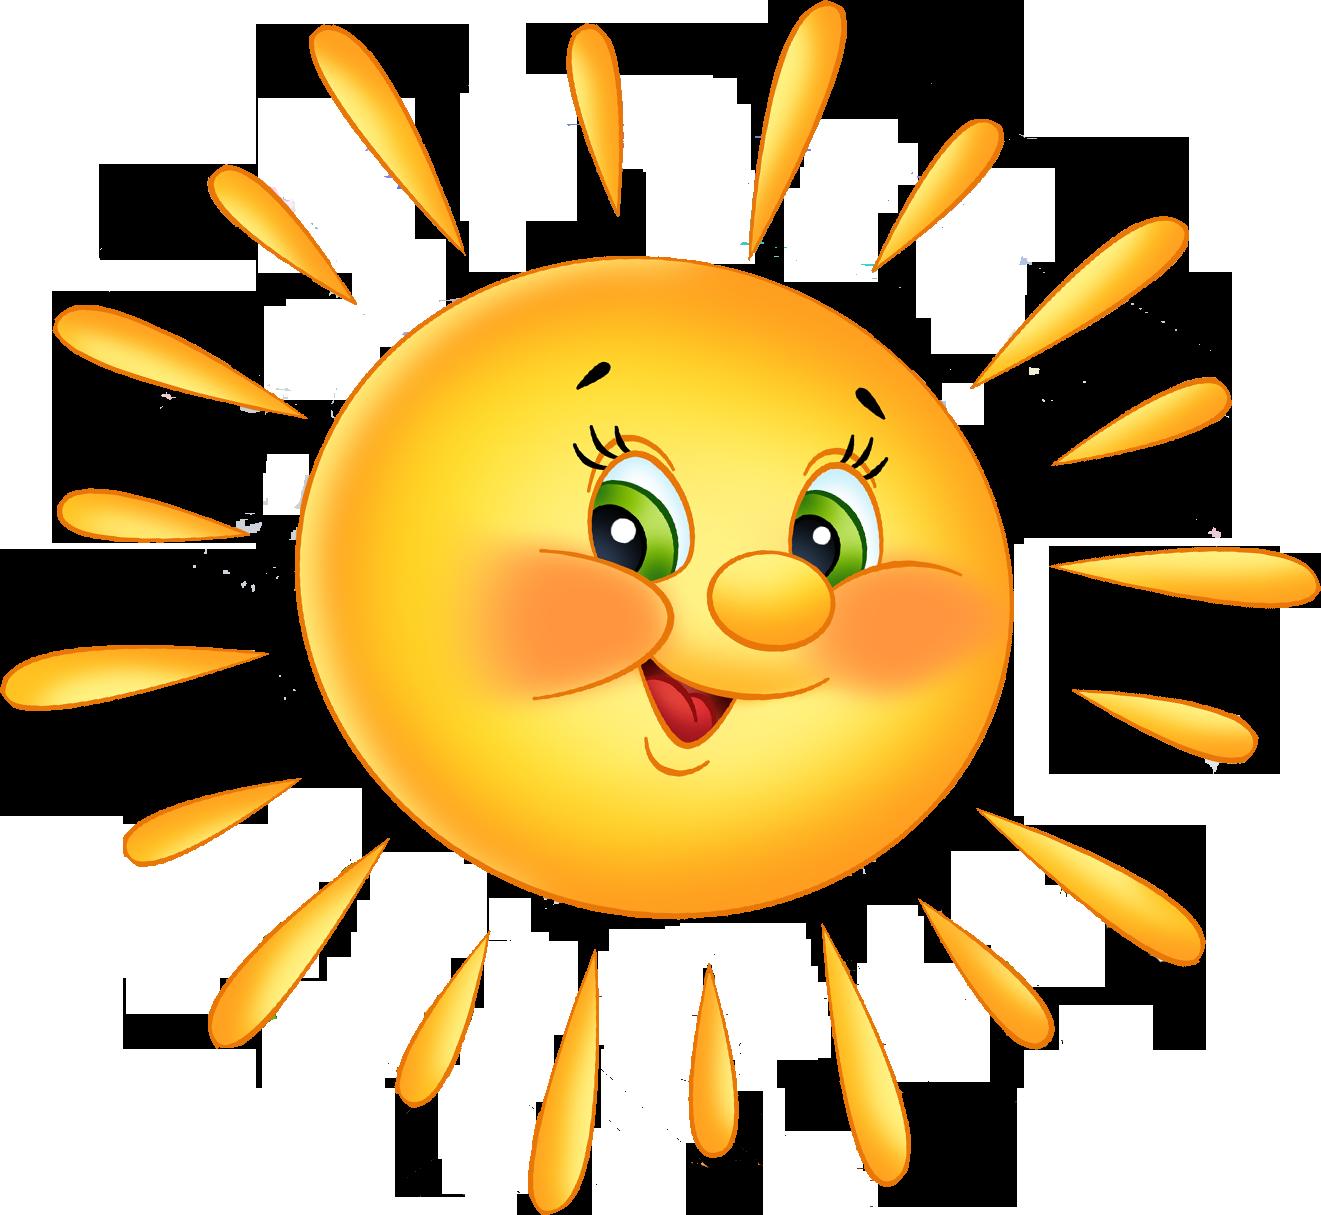 Картинки смешные, картинки лучики для солнышка